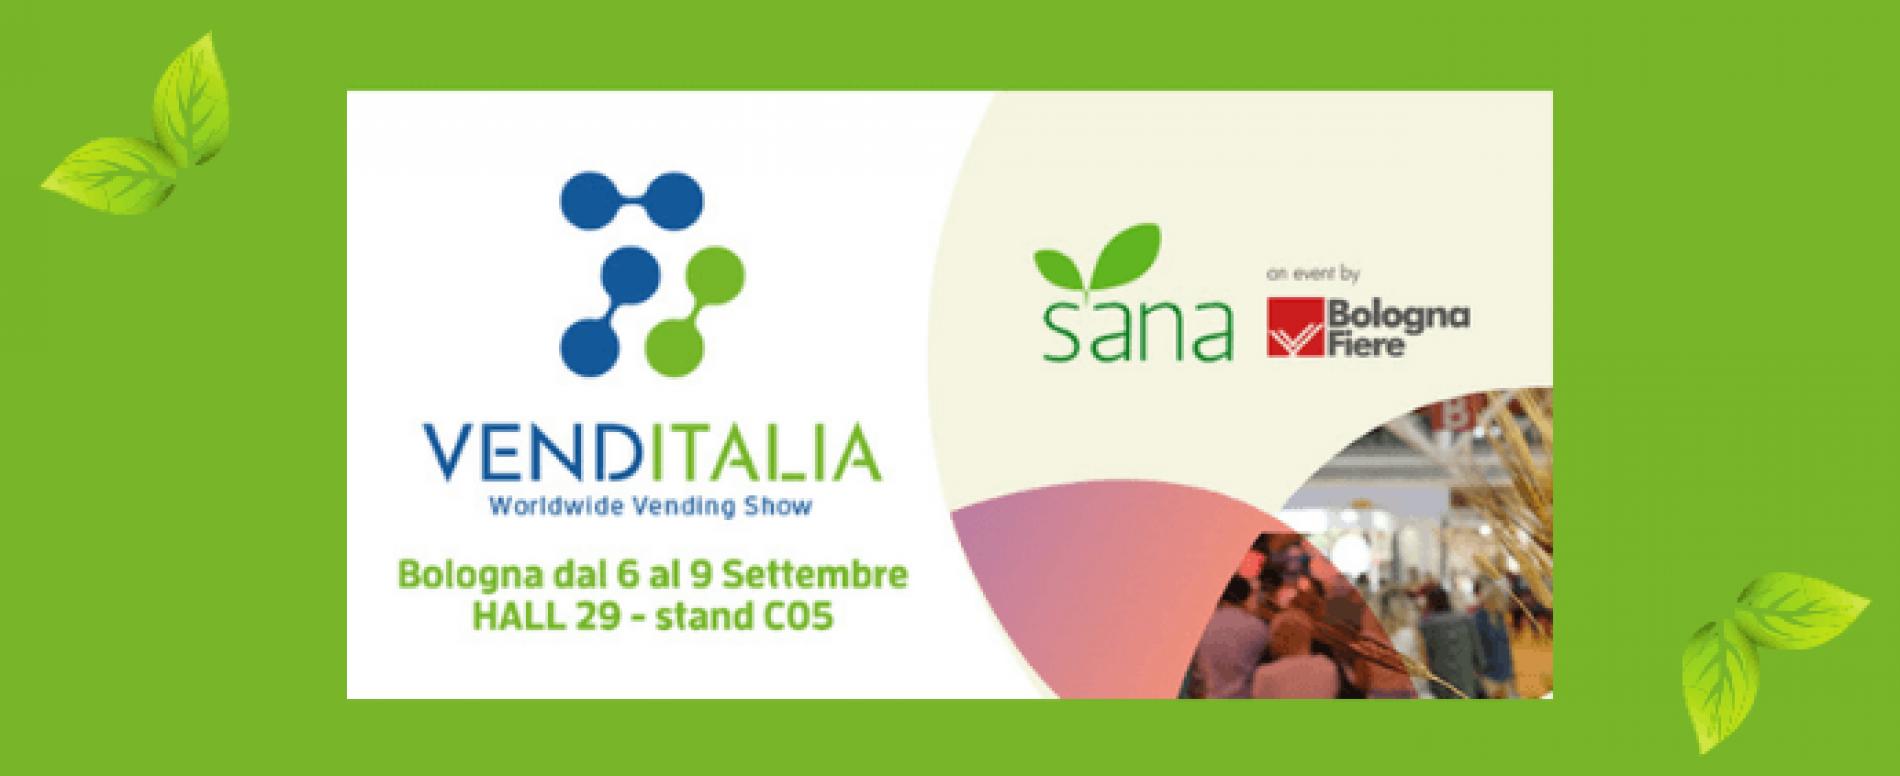 Venditalia si presenta alla 31° edizione del SANA di Bologna